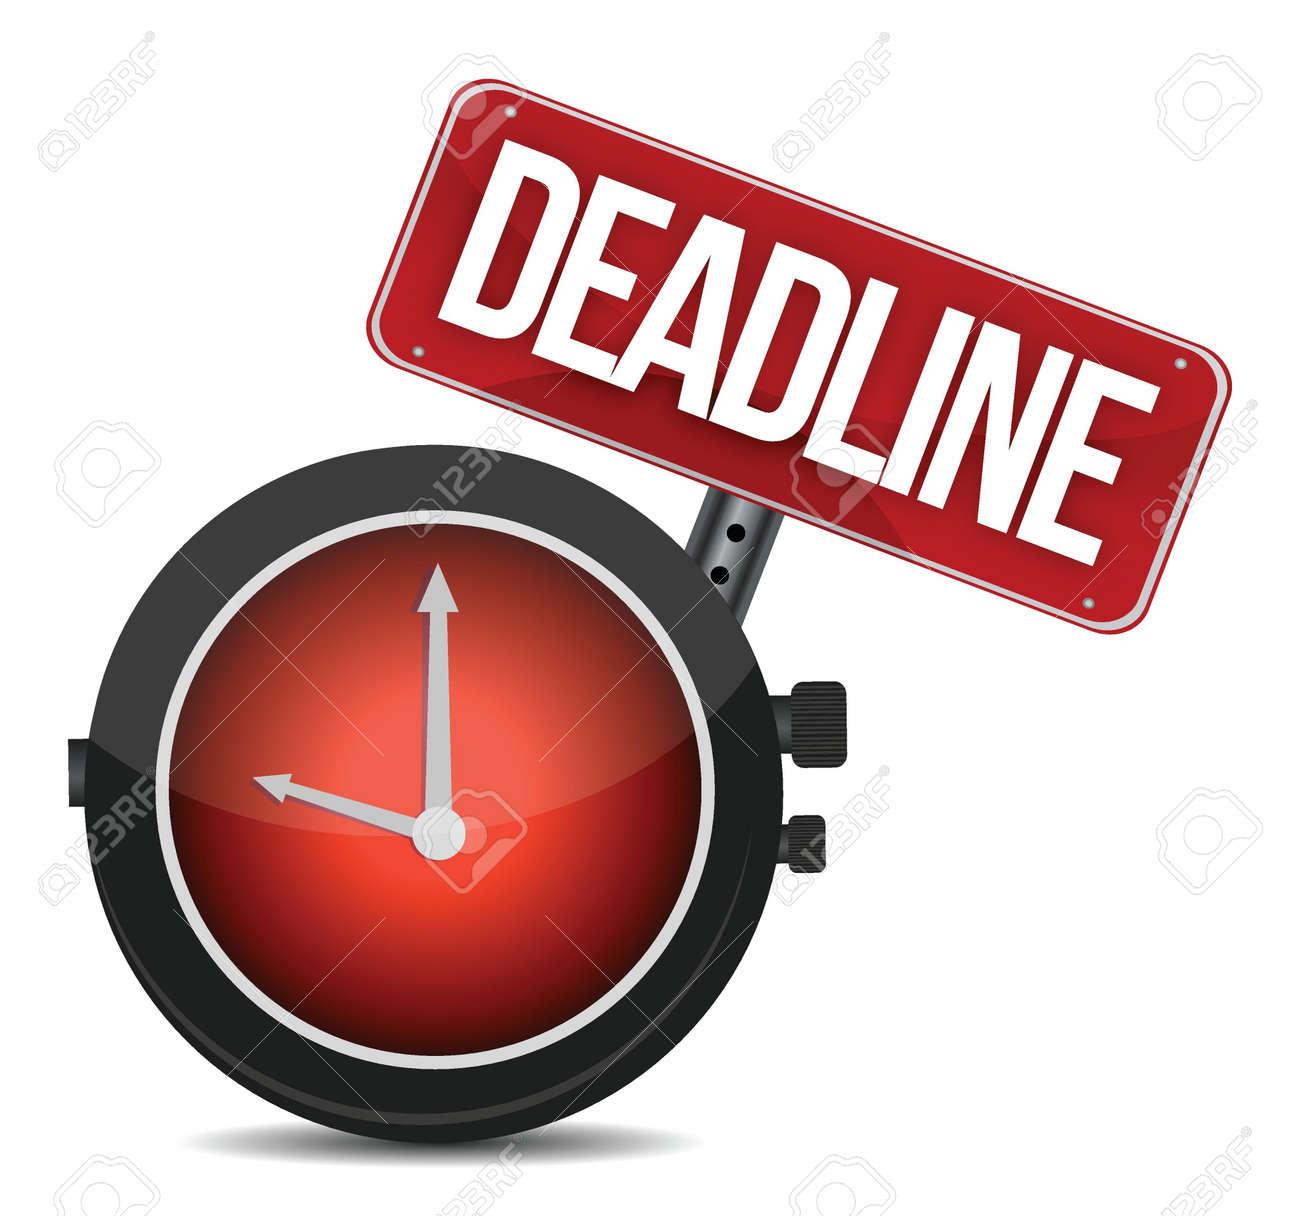 deadline watch sign illustration design over white Stock Vector - 16259239